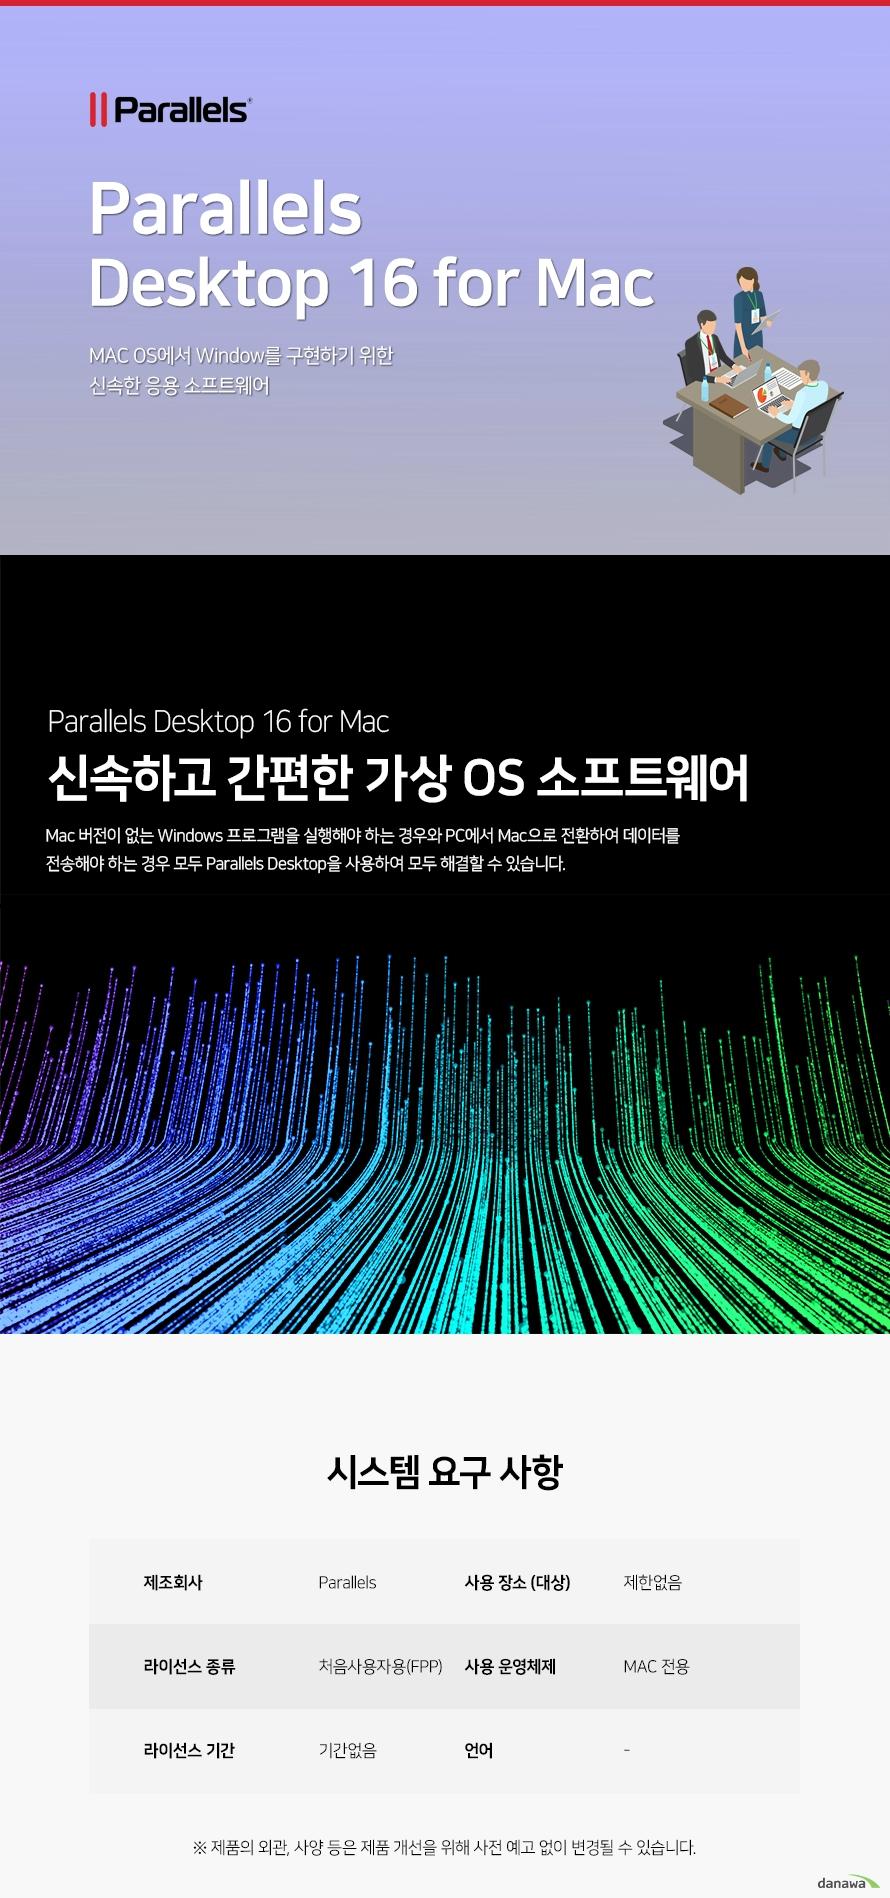 Parallels Desktop 16 for Mac (처음사용자용)